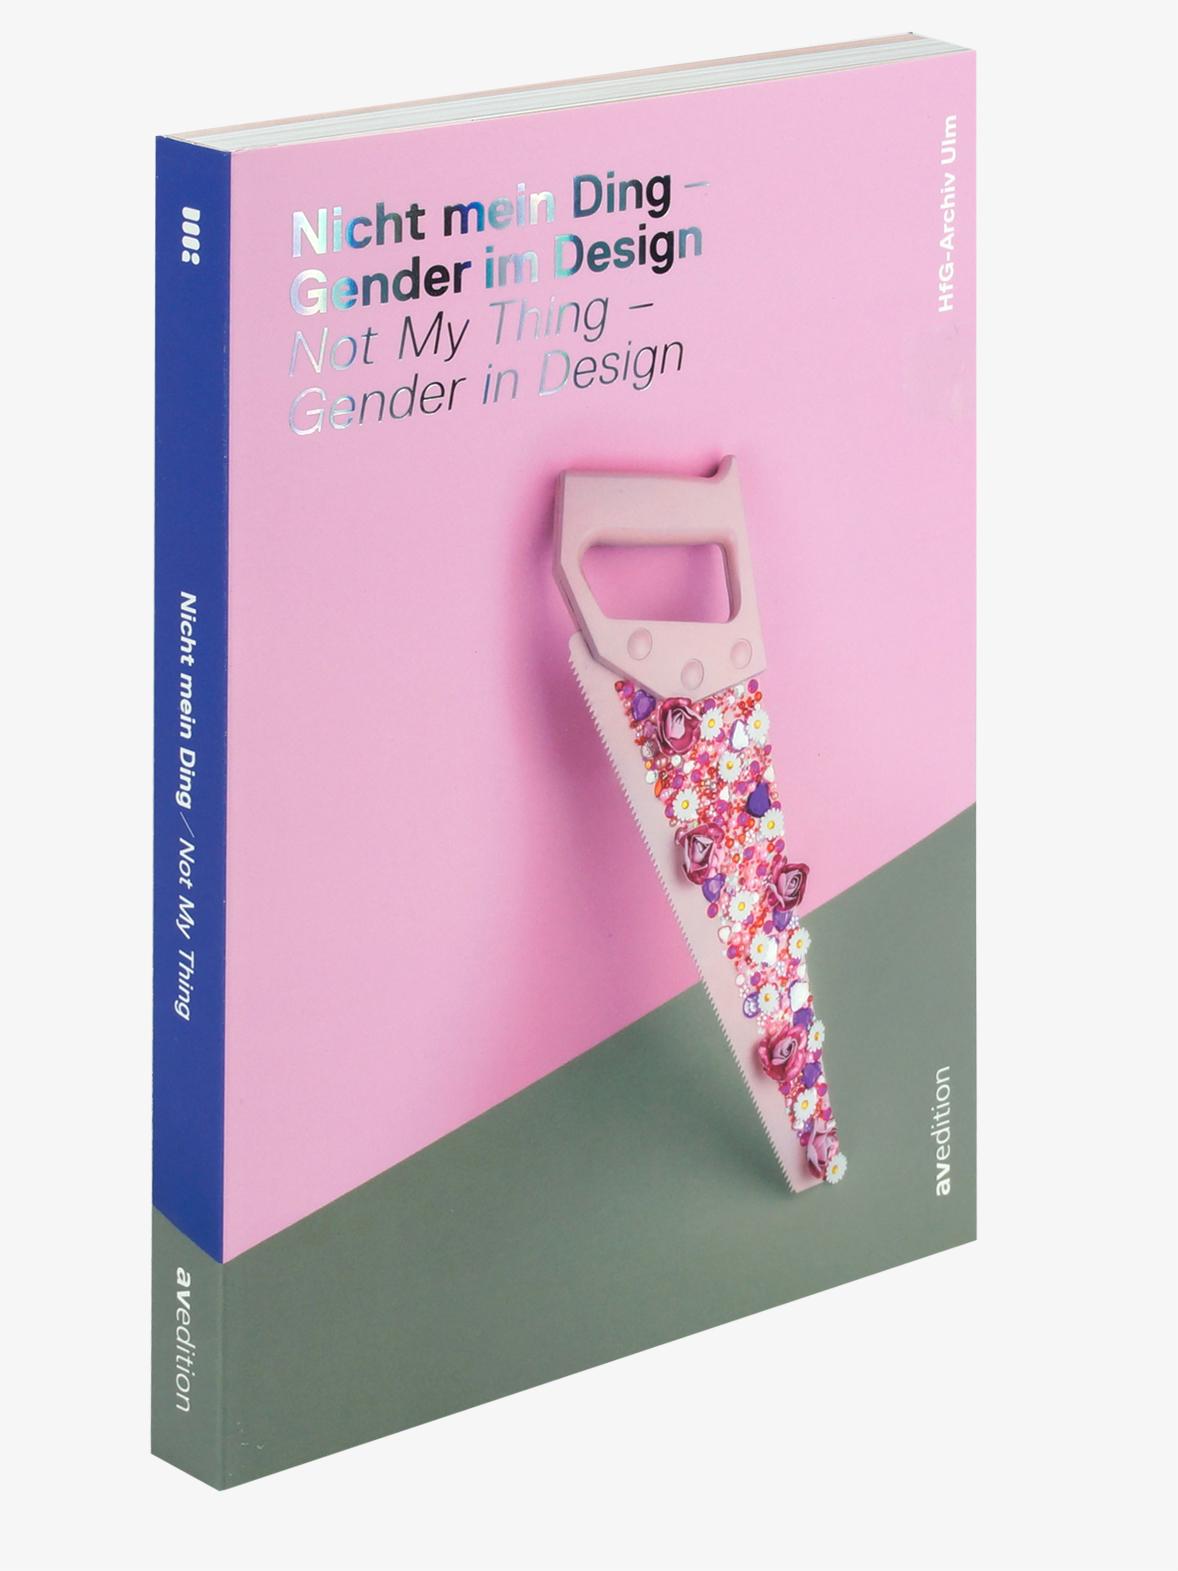 Nicht mein Ding − Gender im Design